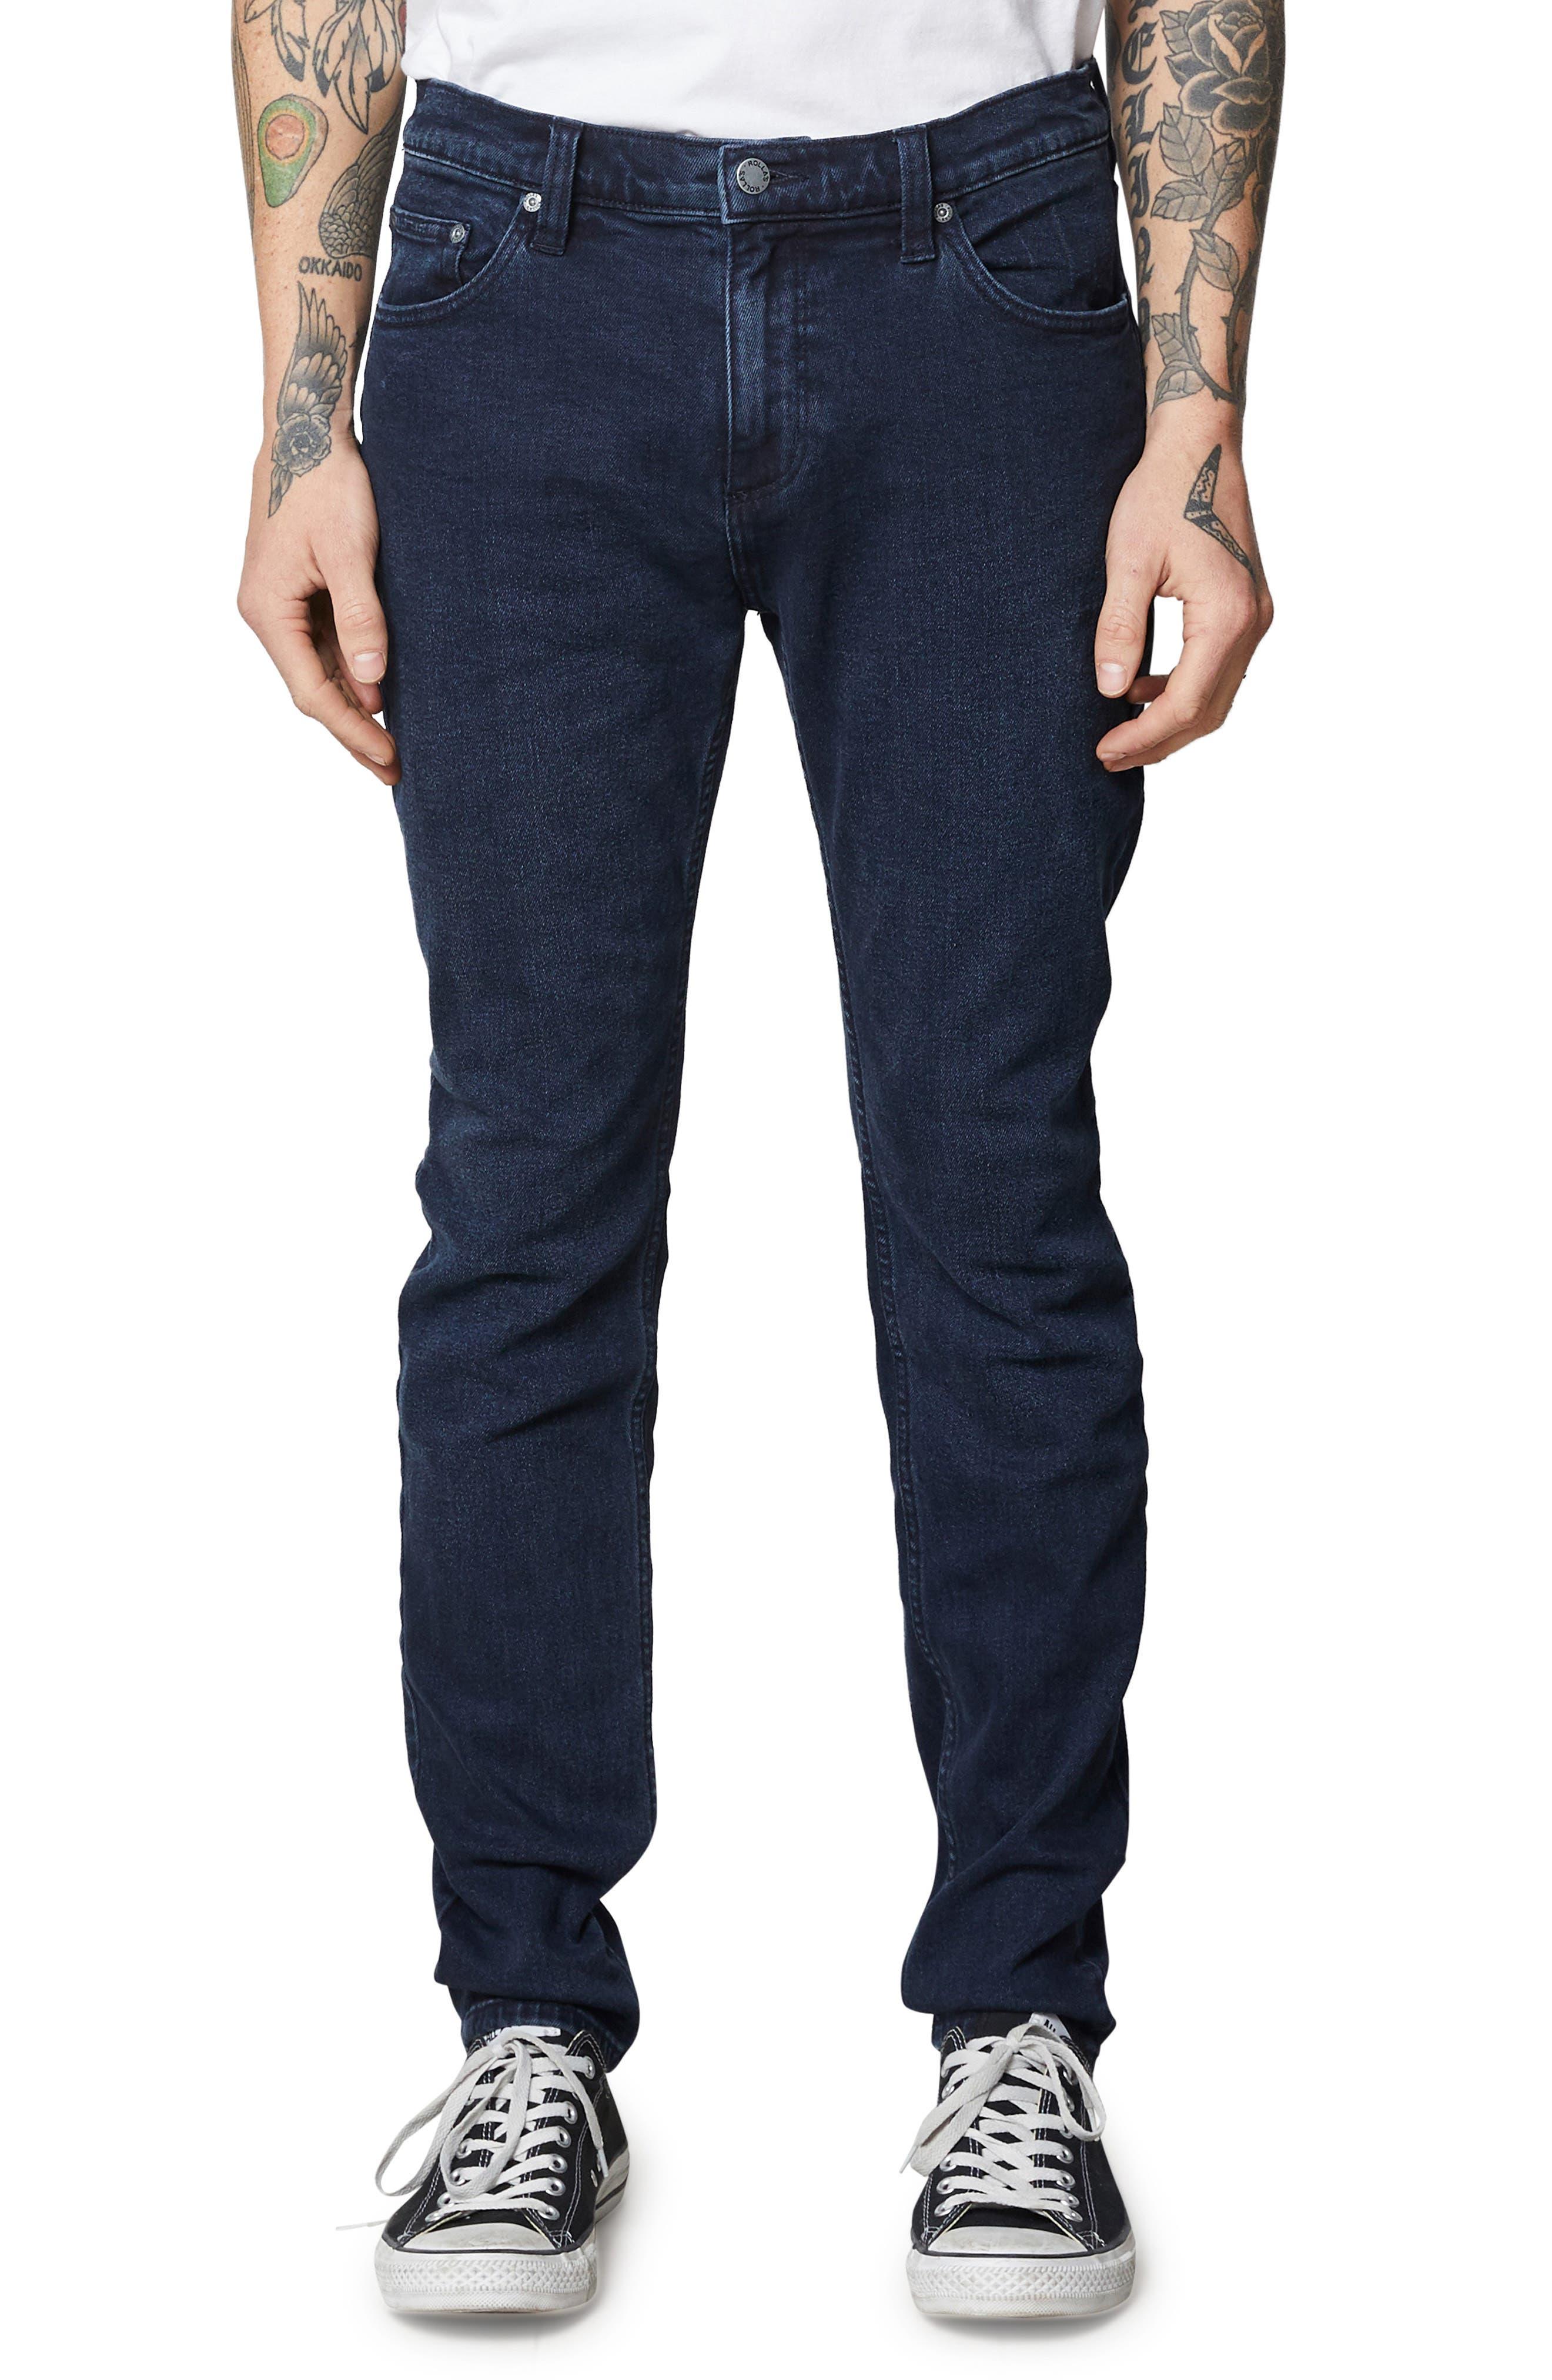 Stinger Skinny Fit Jeans,                             Main thumbnail 1, color,                             STONE FREE BLACK